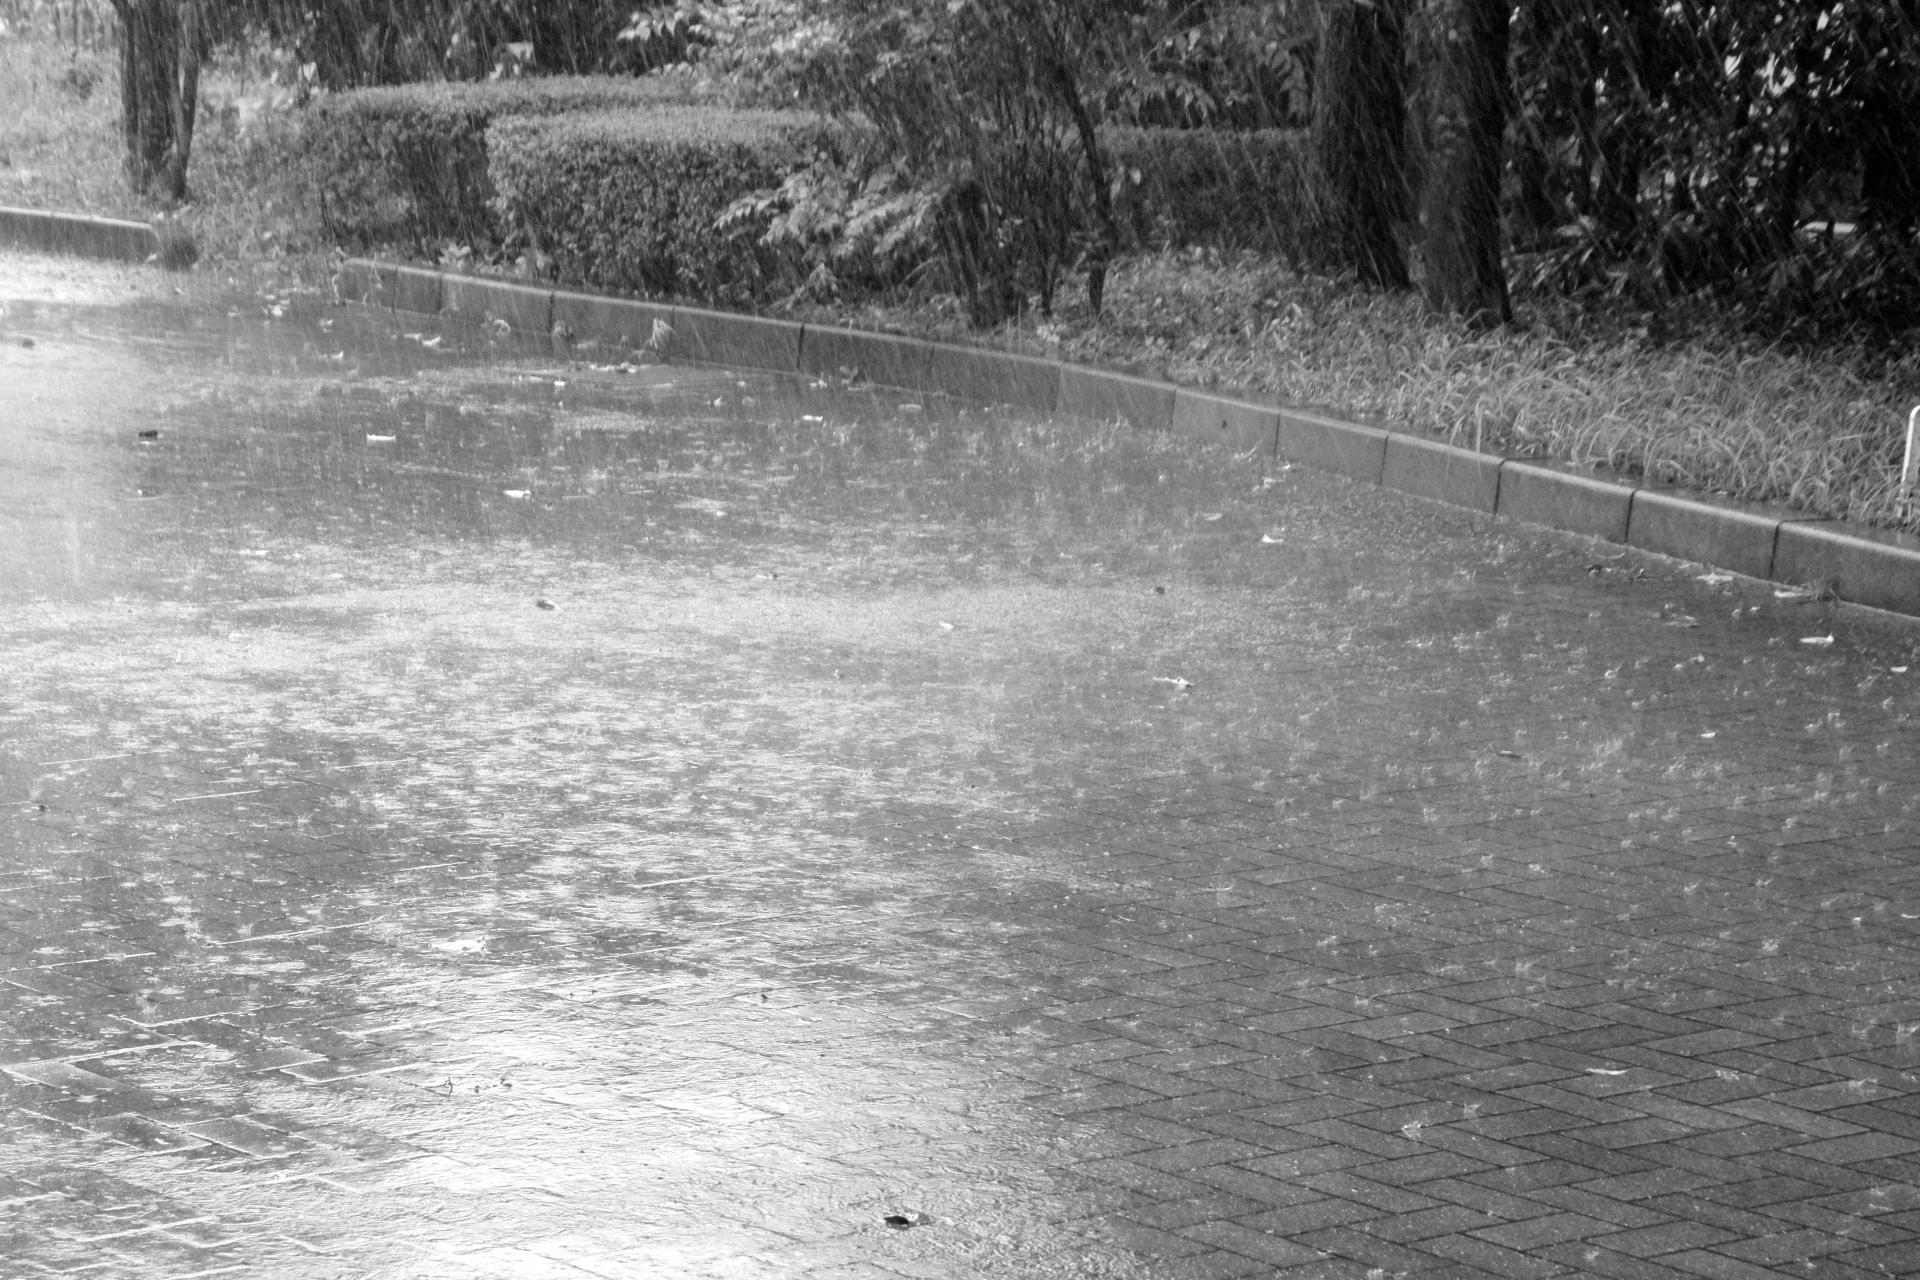 タクシー運転手は梅雨時に要注意!雨の日に事故が増える原因と対策